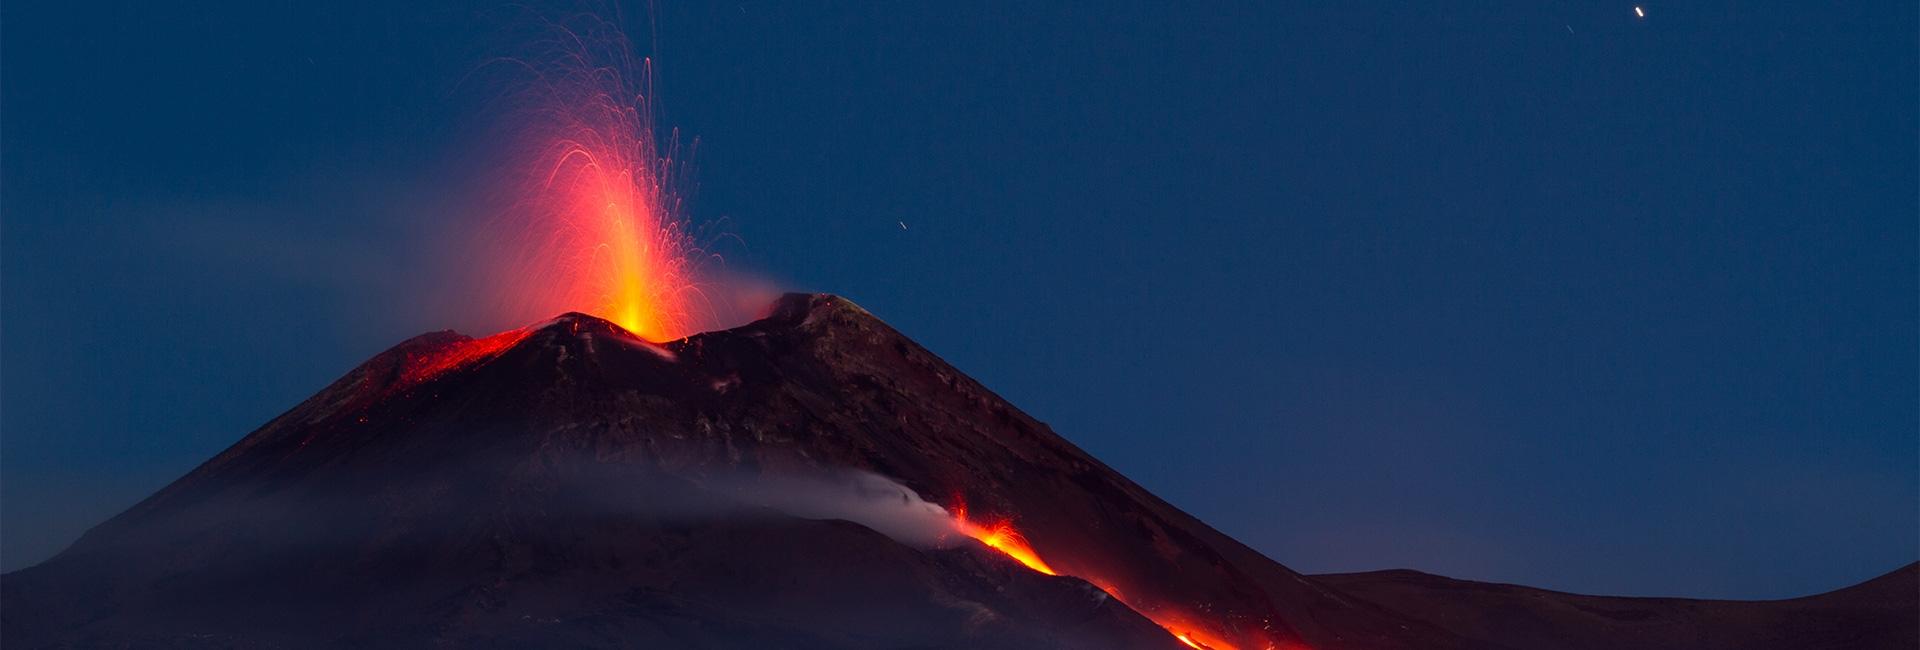 Le volcan le plus actif au monde